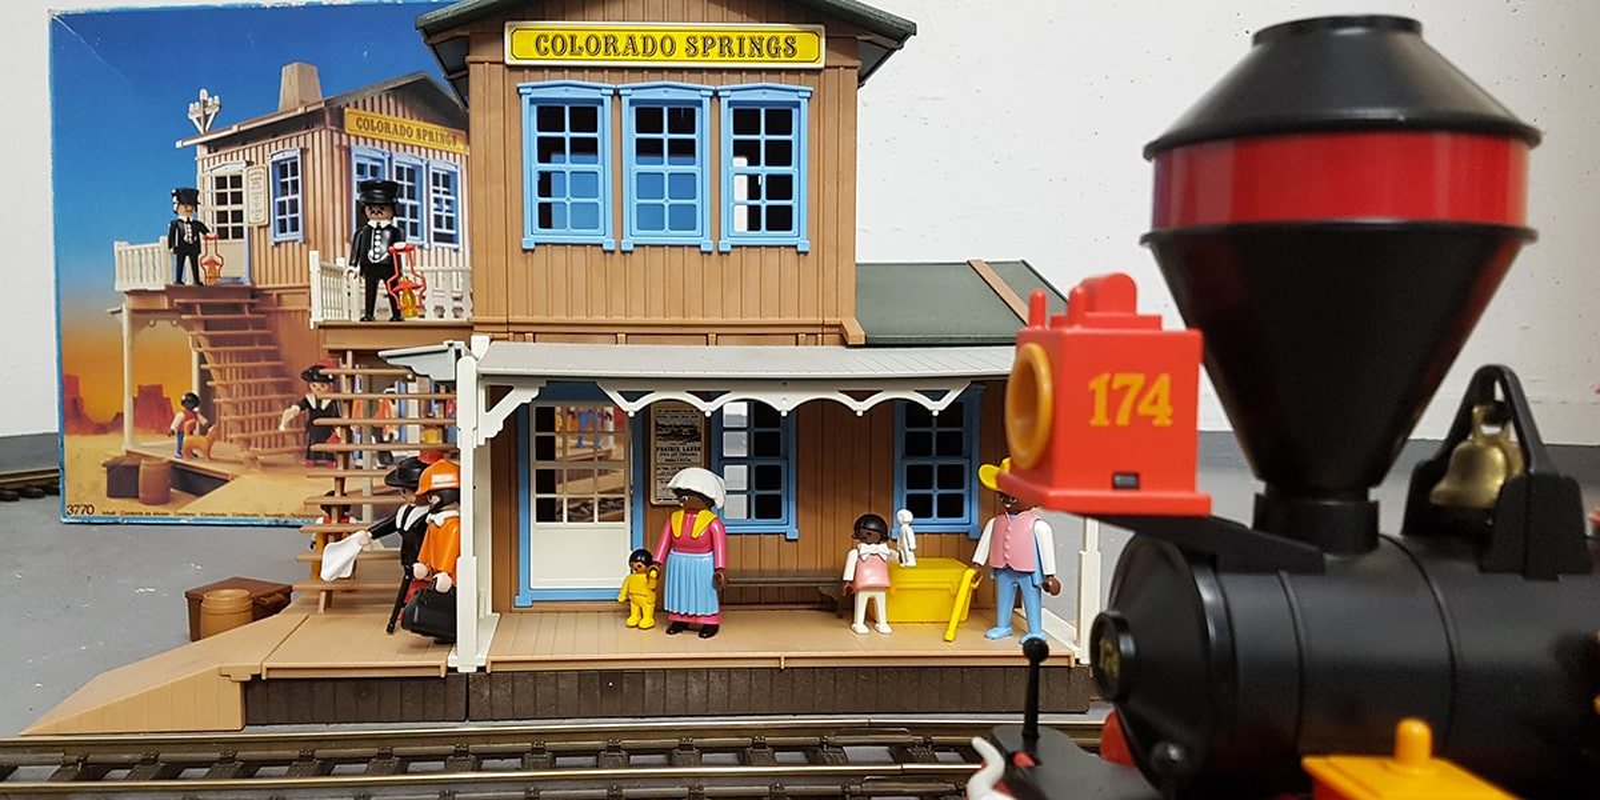 Playmobil Western Station Colorado Springs 3770 aufgebaut mit allen originalen Figuren. Im Hintergrund ist die OPV Originalverpackung des Western Bahnhof zu sehen